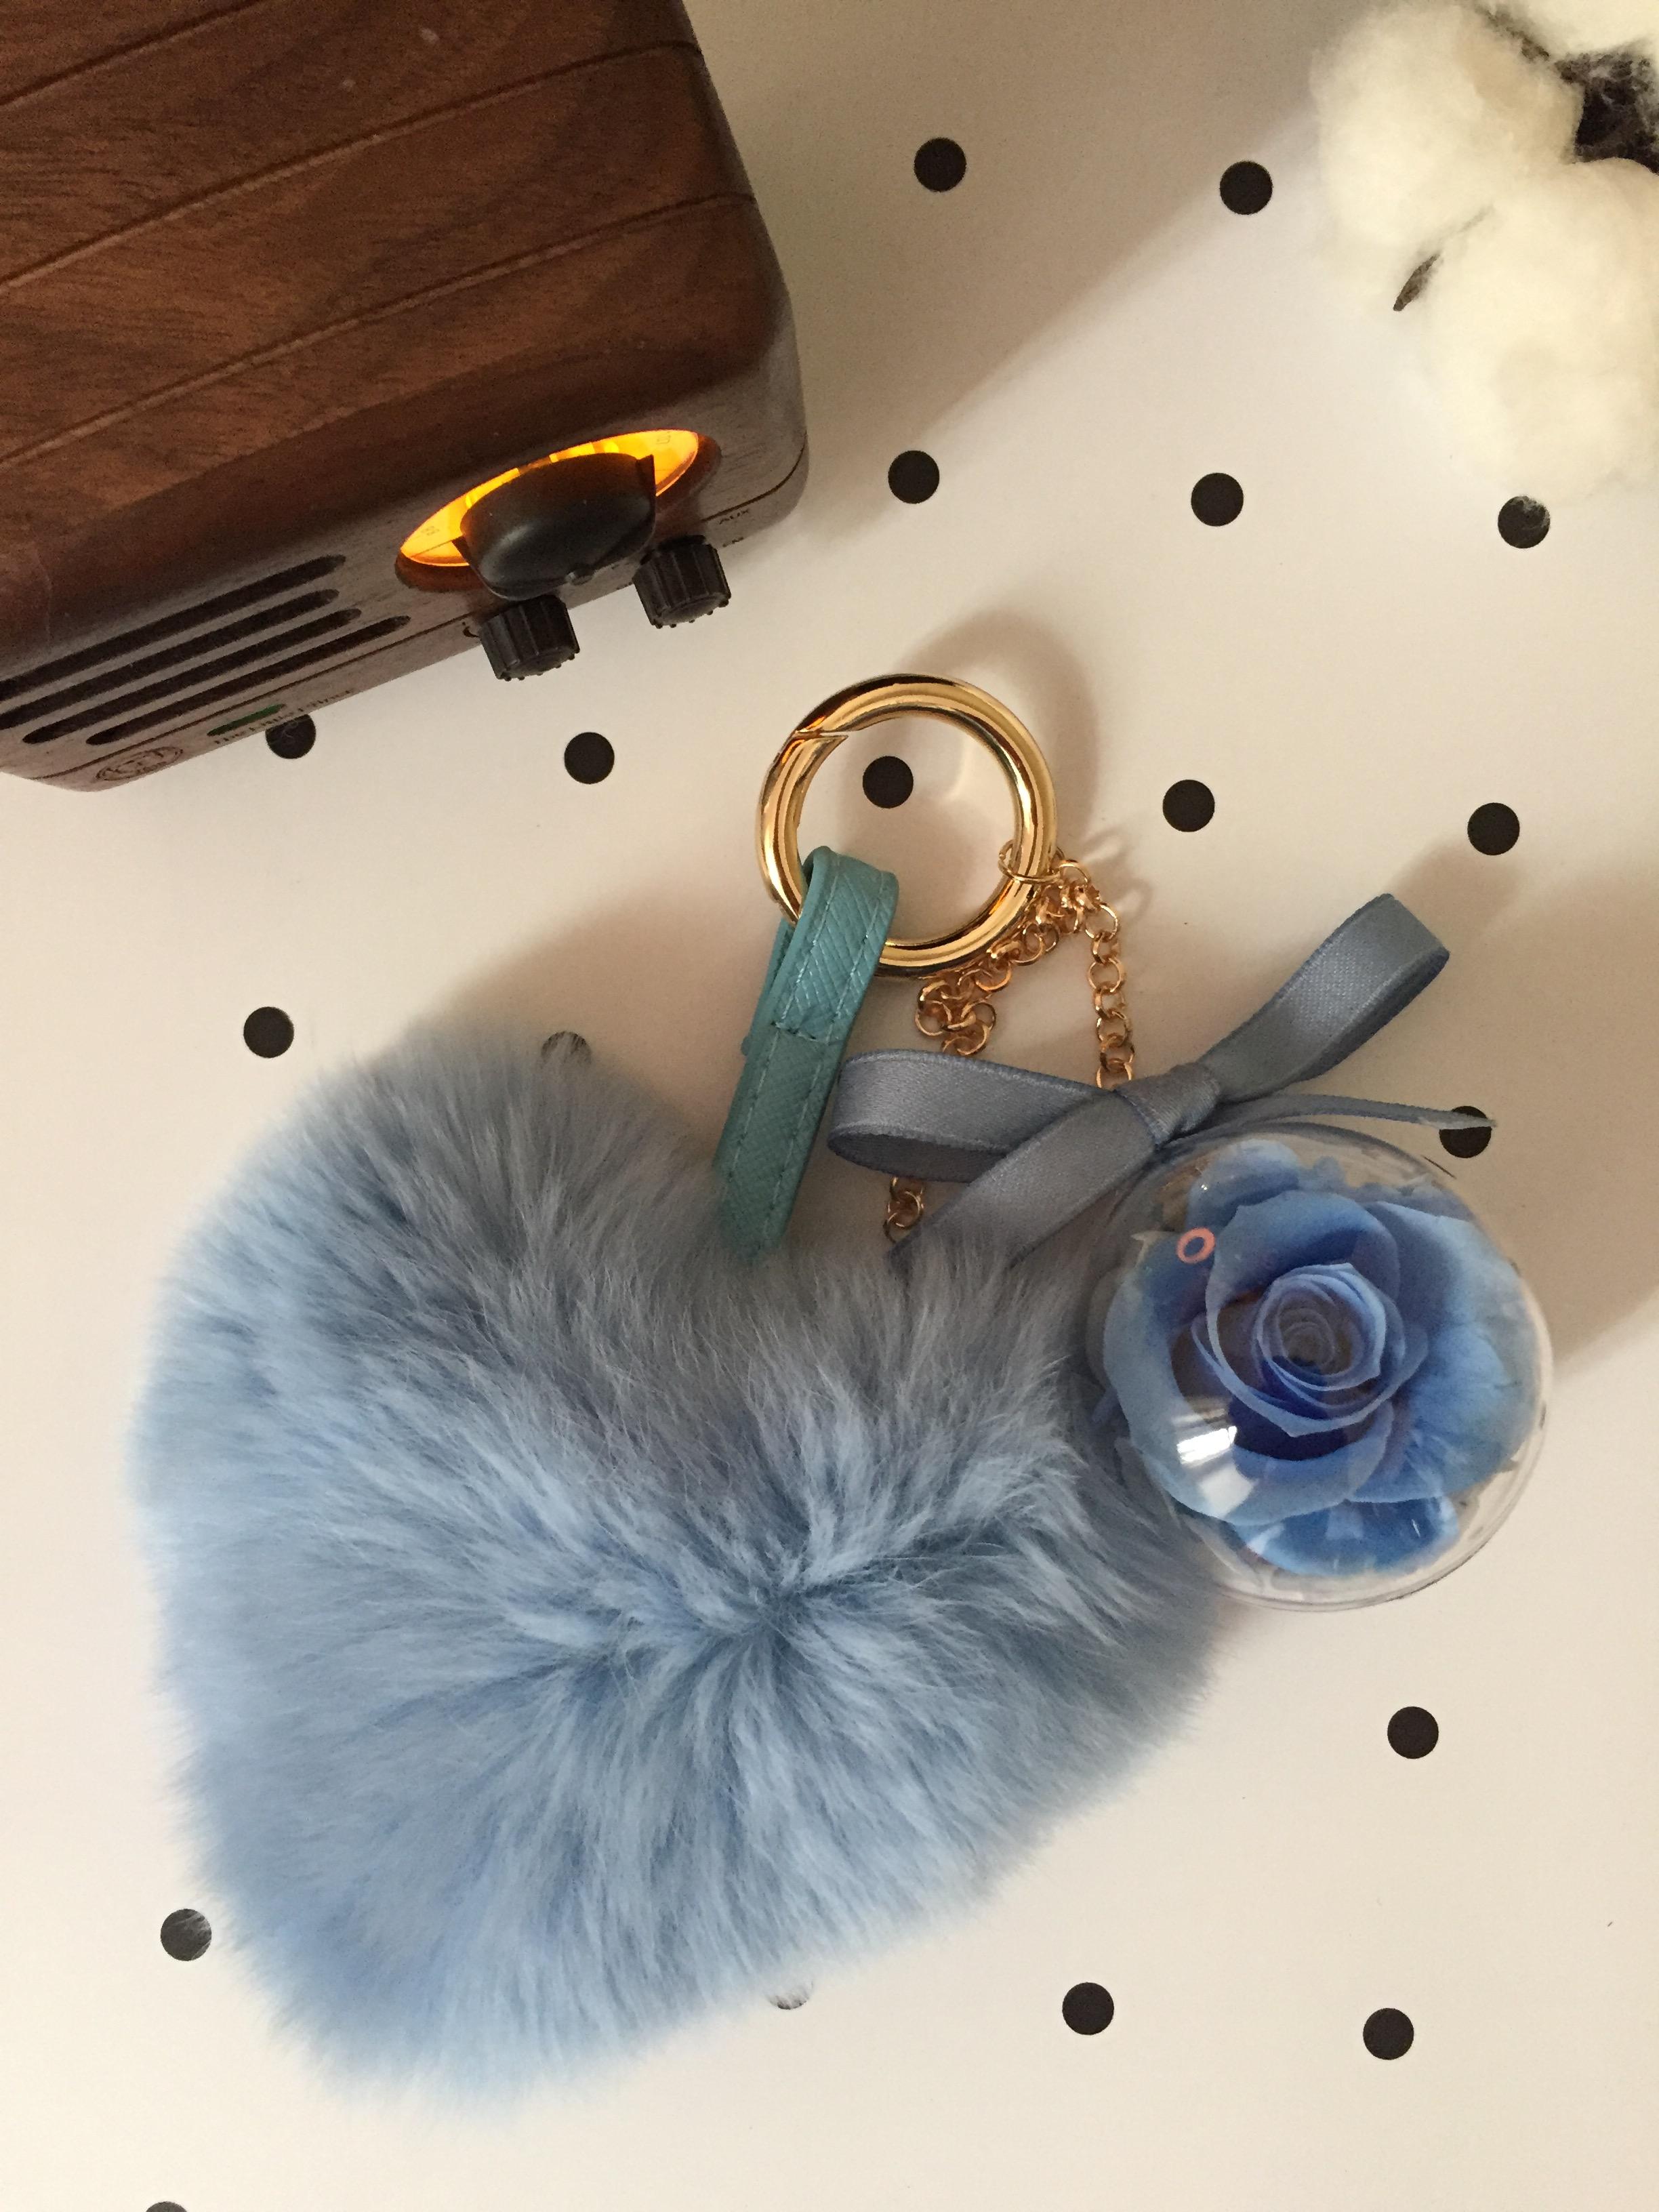 圣诞节永生花汽车挂包挂件爱心兔毛生日婚礼创意钥匙扣